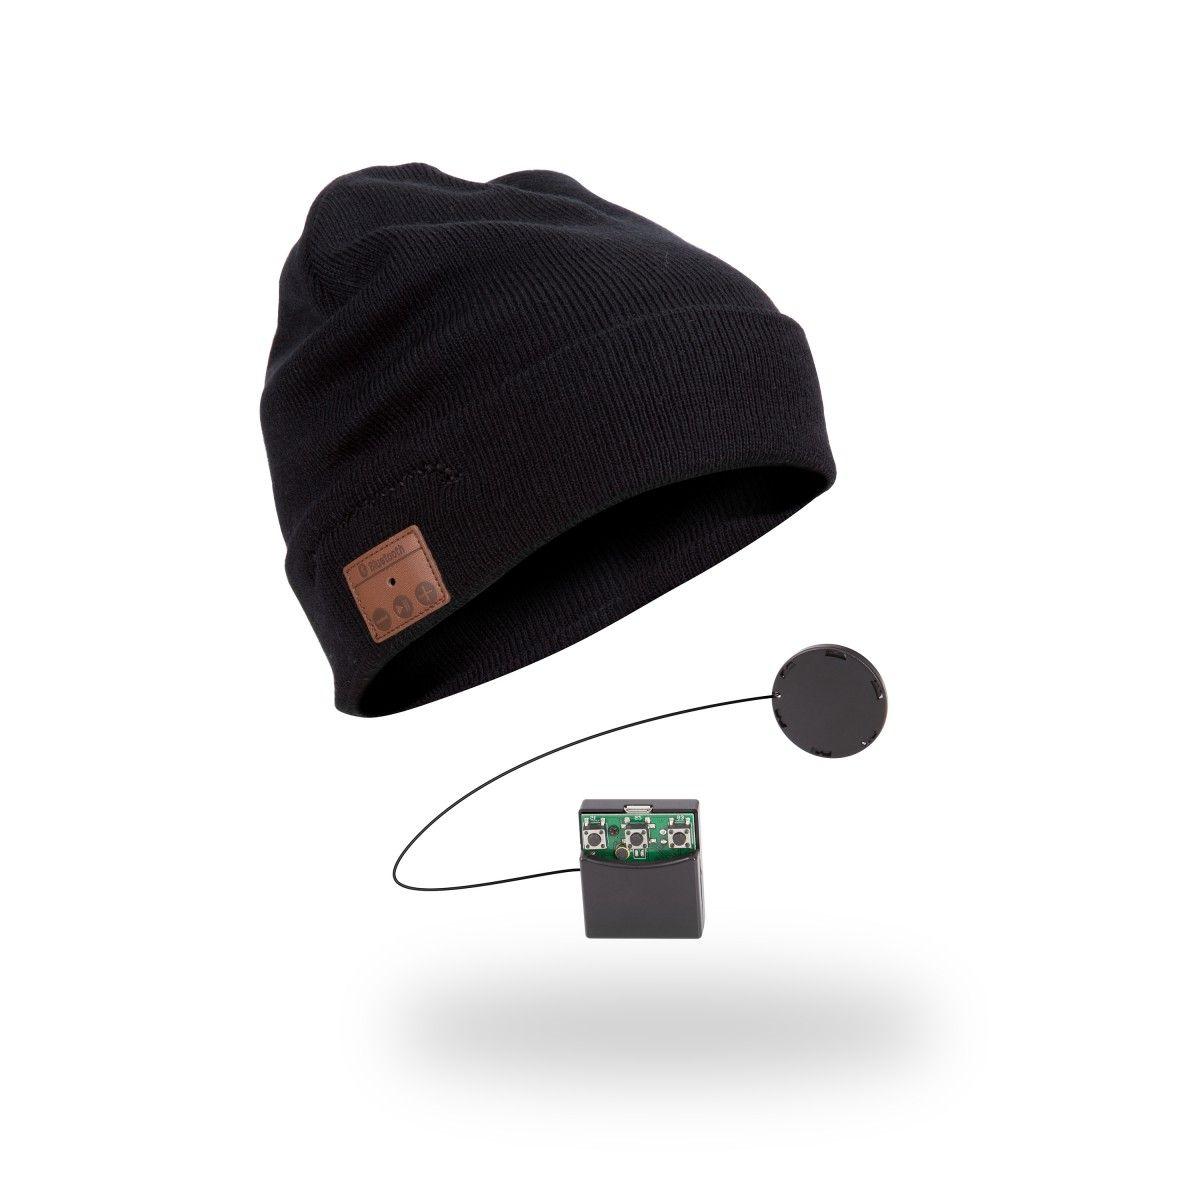 Bluetooth Beanie Mütze Musik Strickmütze mit Stereo Kopfhörer Strickmütze